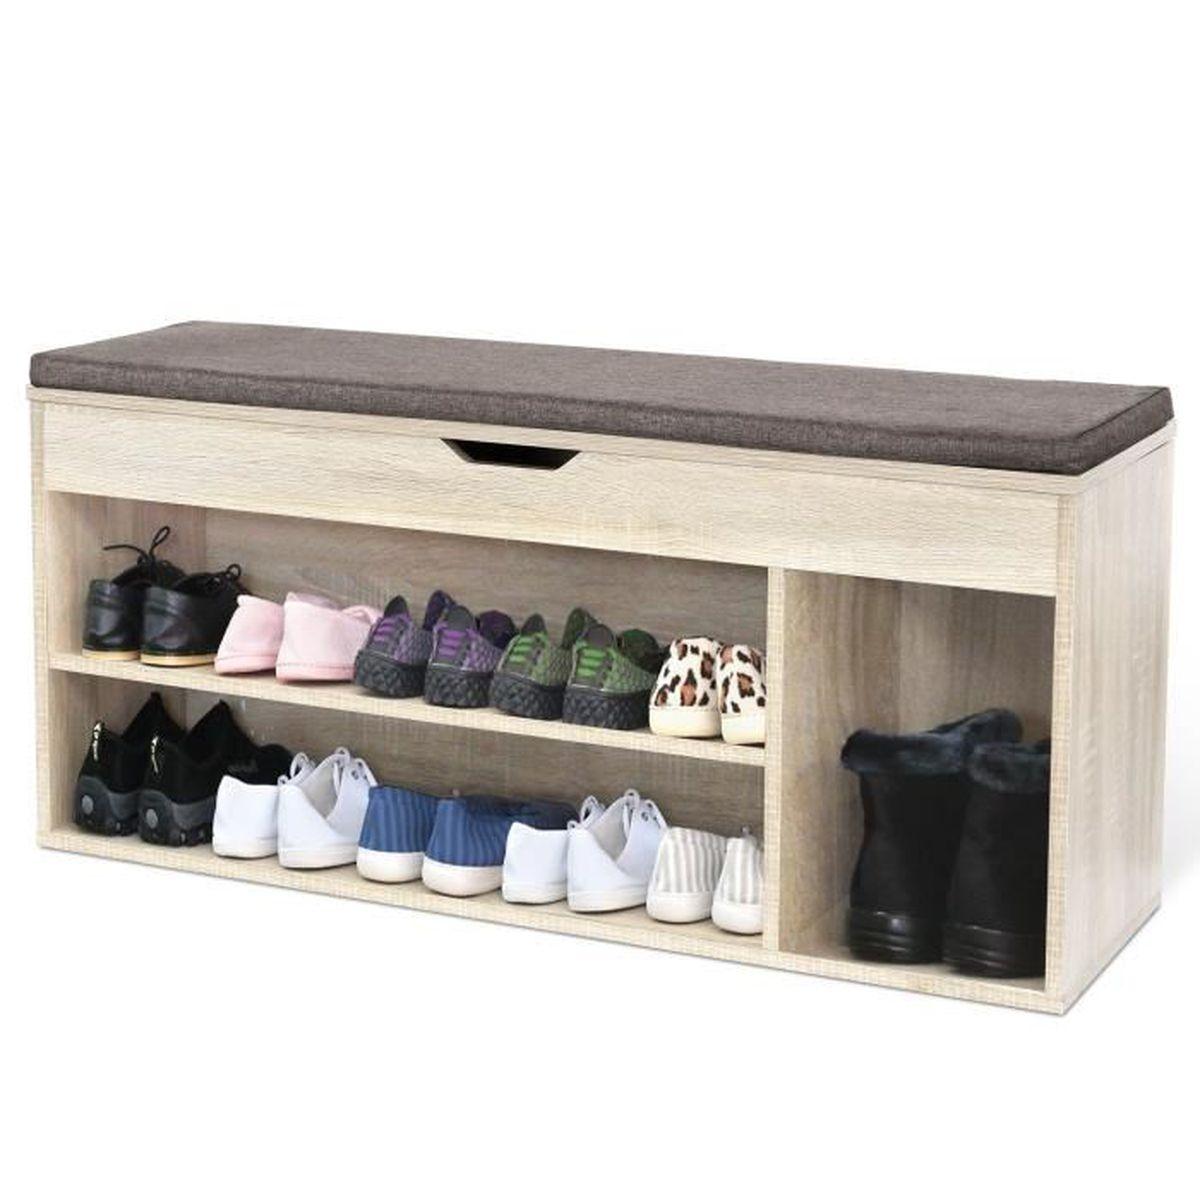 Meuble Rangement Chaussures Entree homfa meuble à chaussures banc de rangement 2 Étages en bois avec coussin  armoire à chaussures entrée commode à chaussures